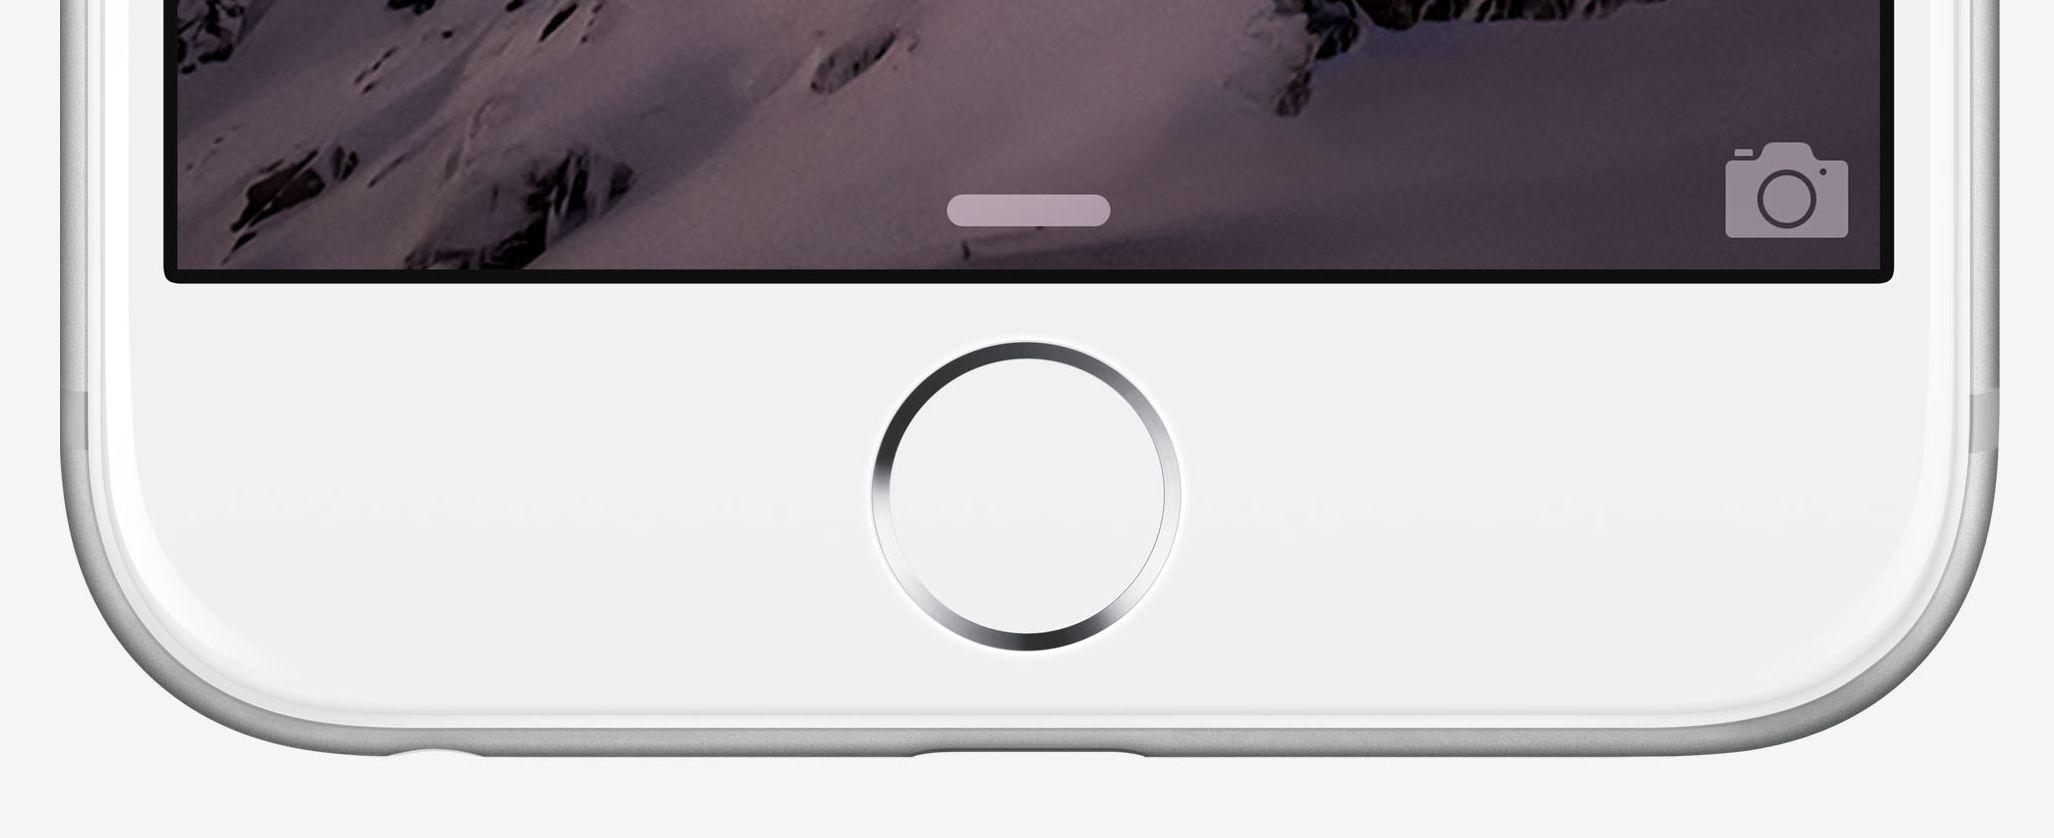 Il prossimo iPhone senza pulsante Home?